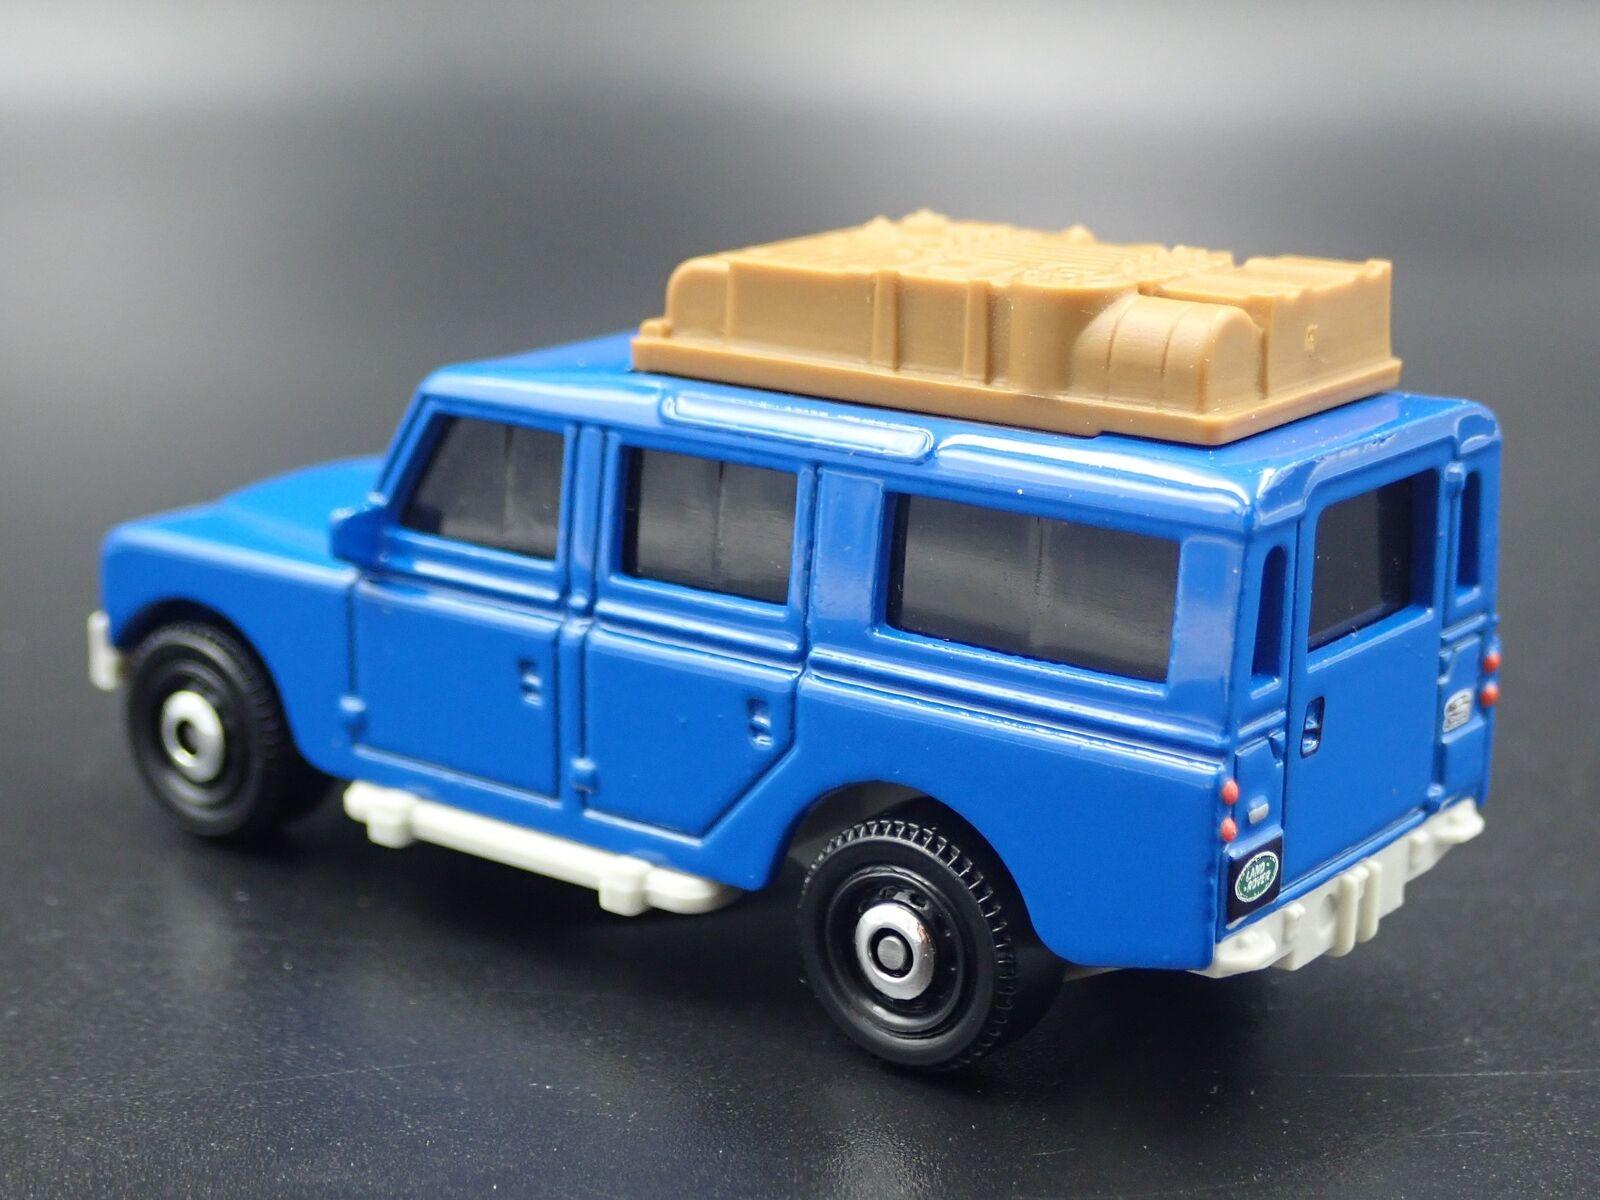 MB1184-01 : 1965 Land Rover Gen II – Matchbox Collectors Forum